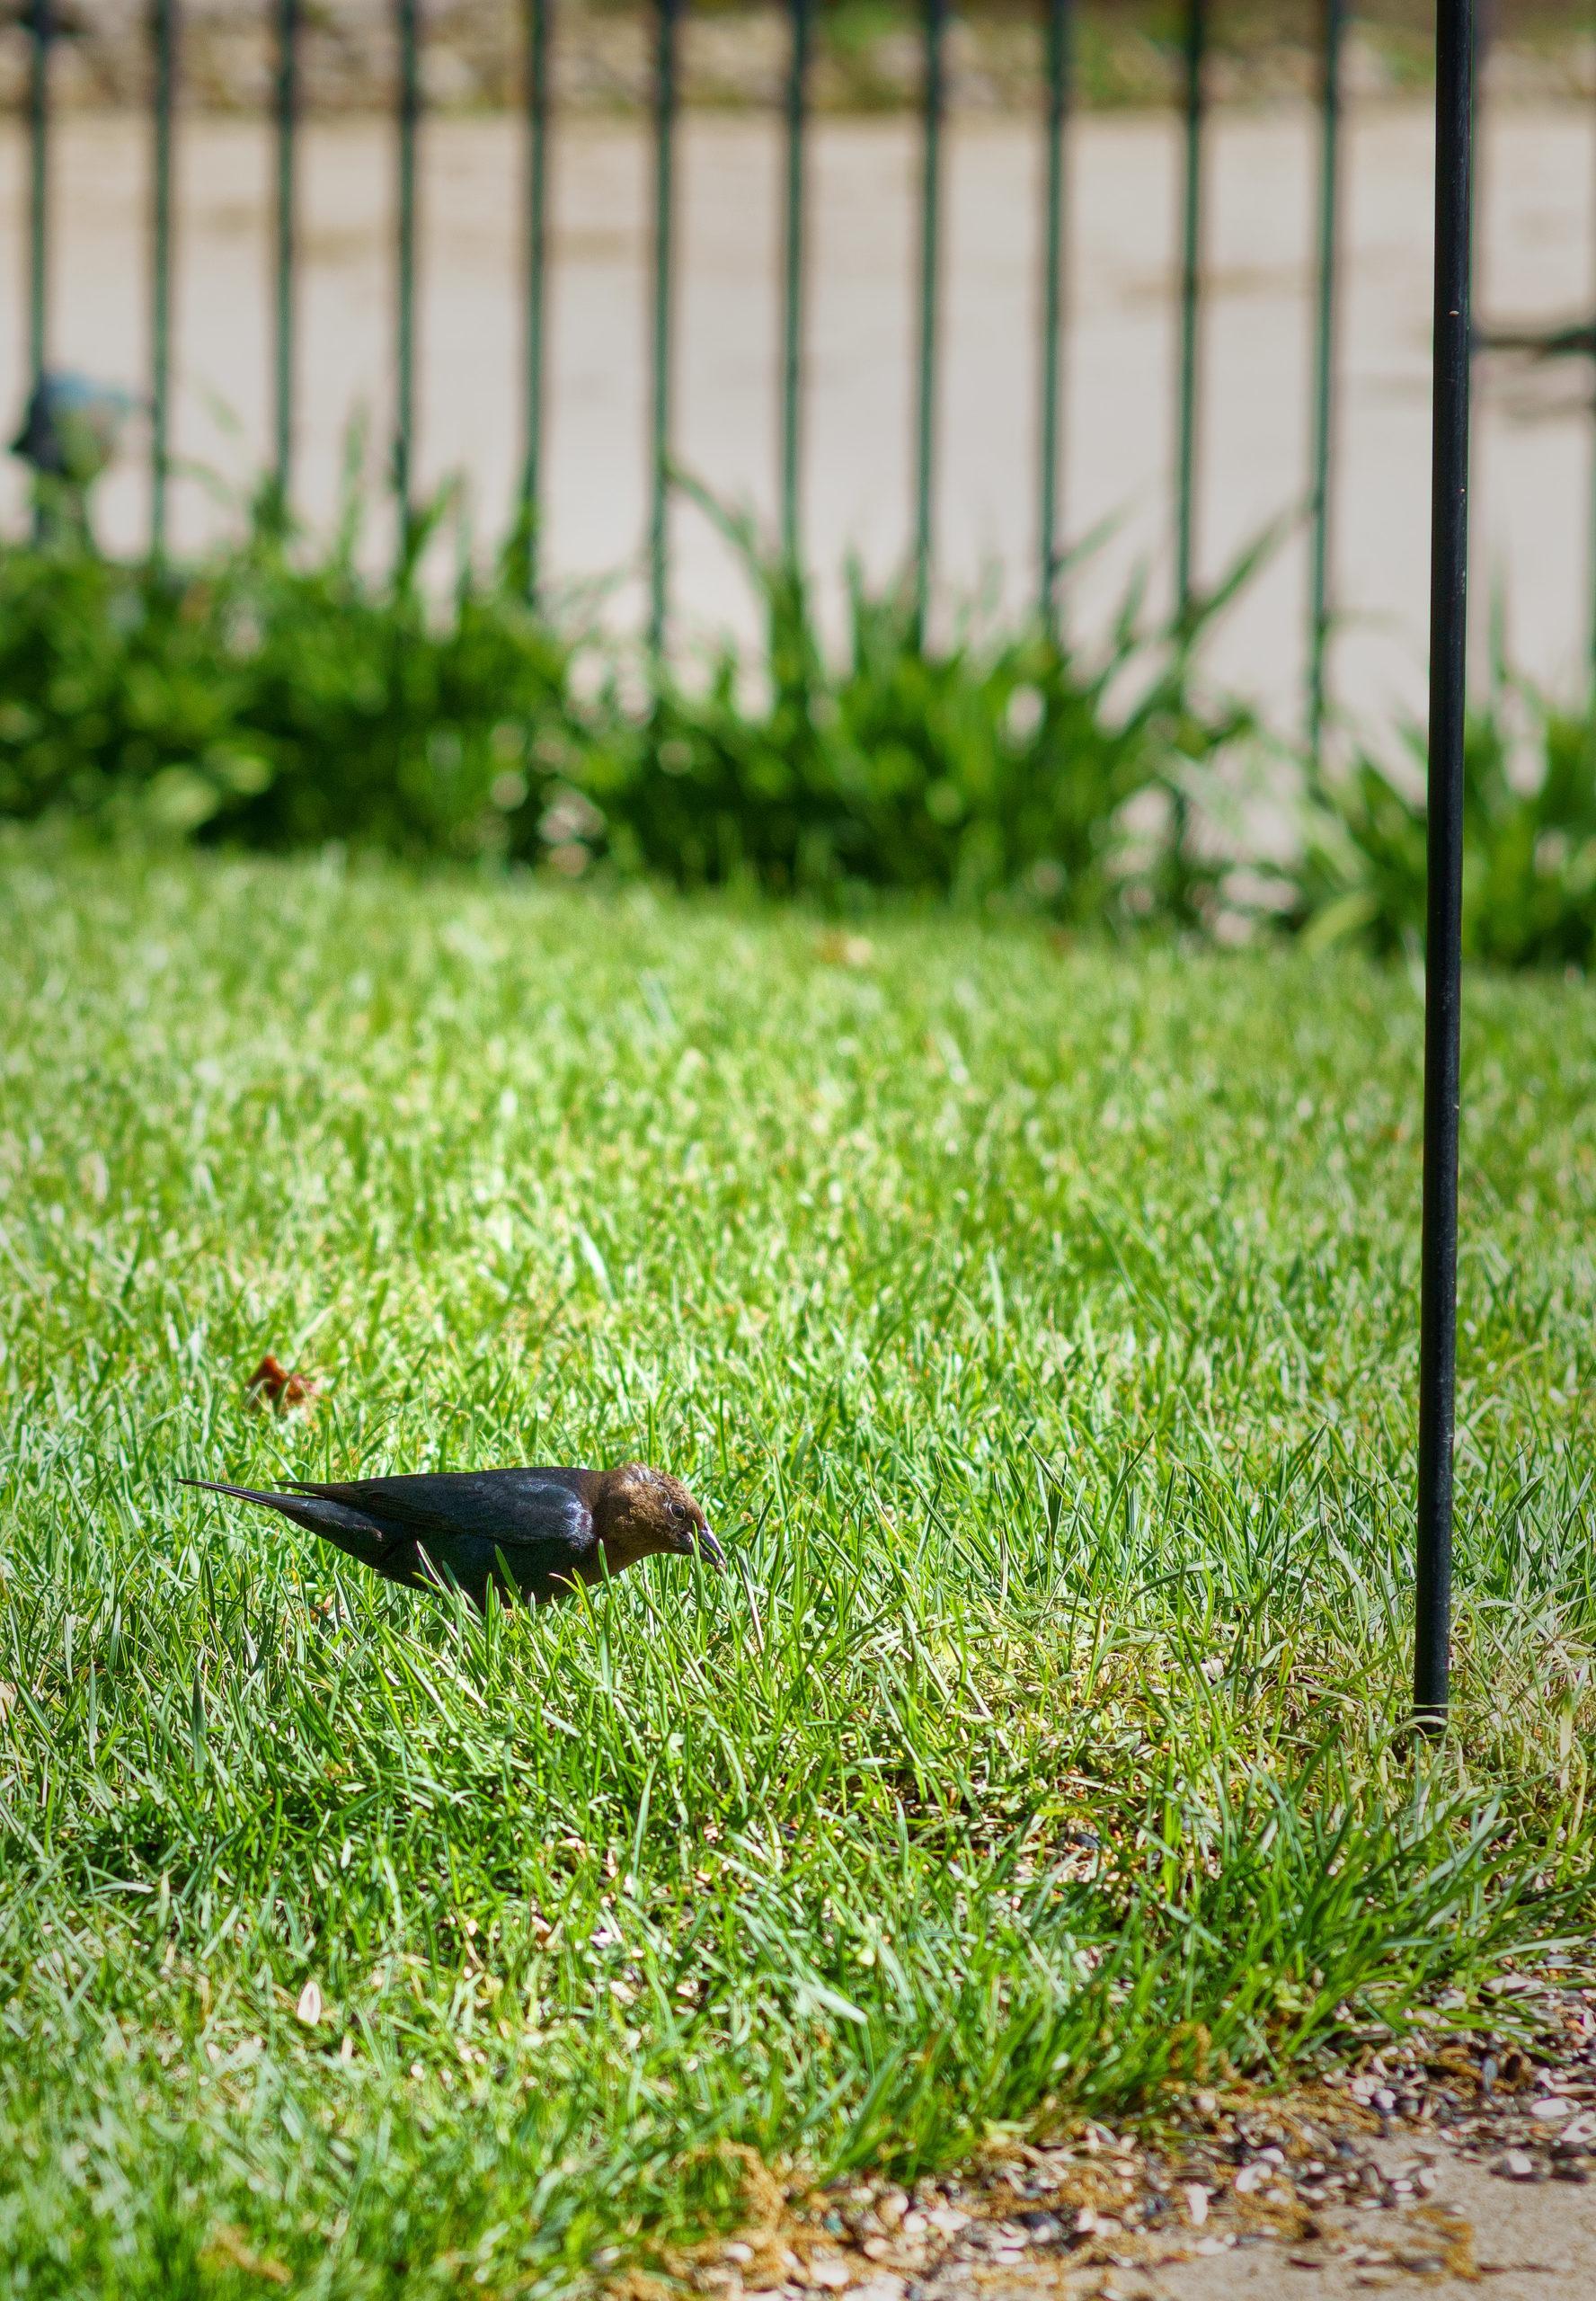 A black bird on grass